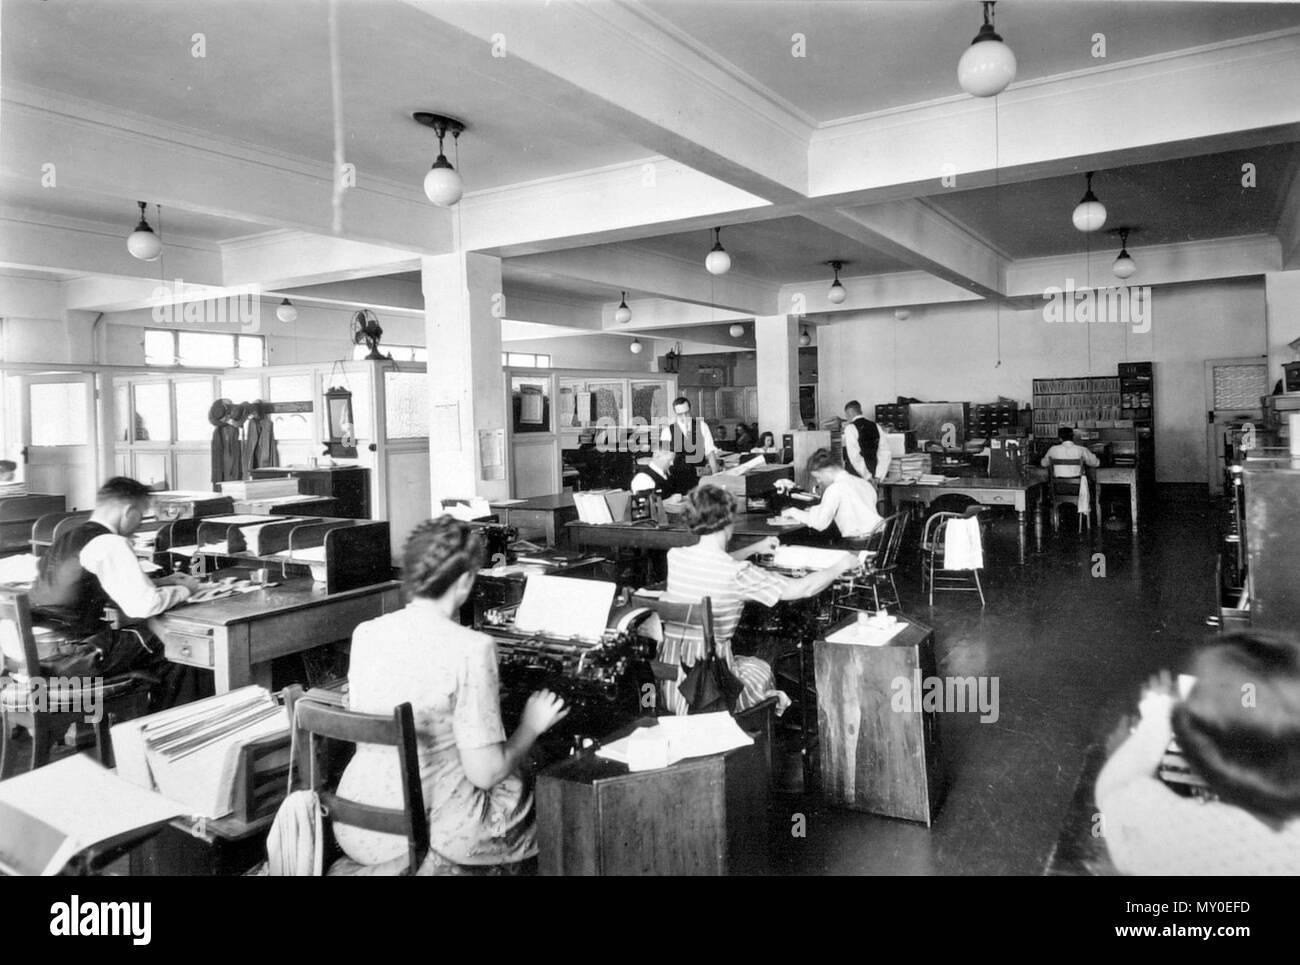 Asombroso Reanudar La Escritura Brisbane Opiniones Foto - Ejemplos ...